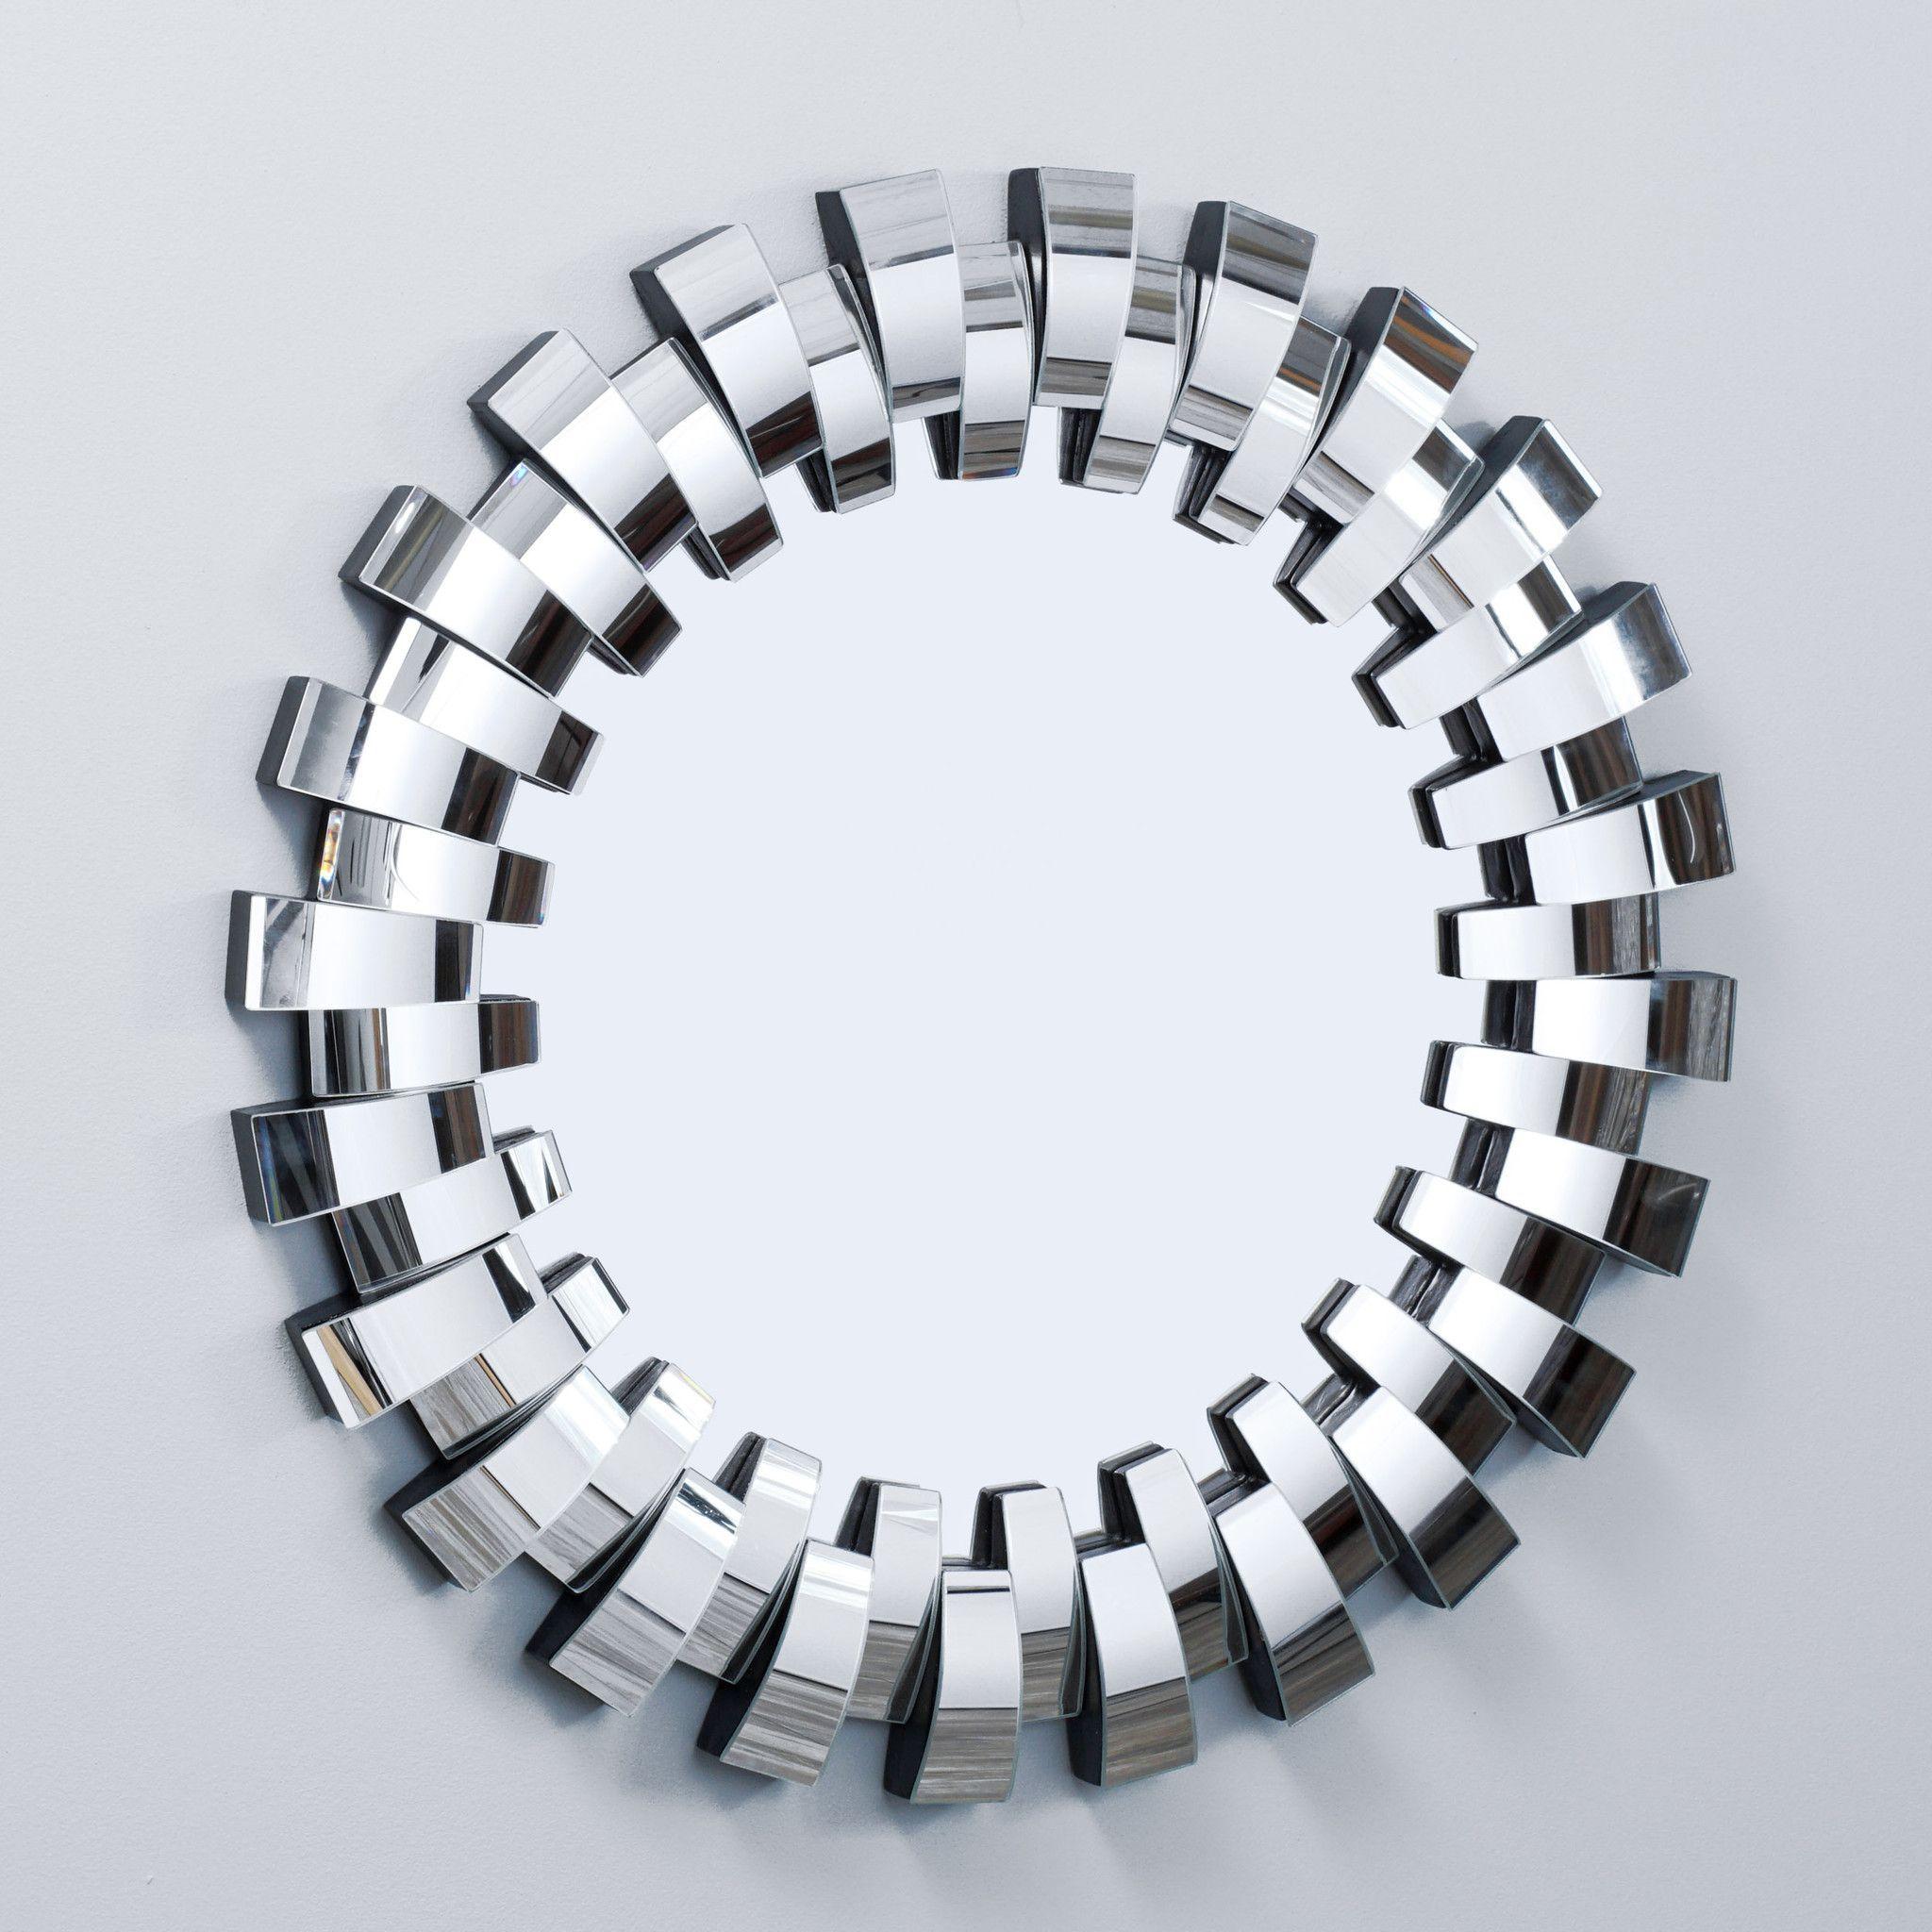 Grande Round Curved Mirror | Fav In 2019 | Home Decor Regarding Deniece Sunburst Round Wall Mirrors (Image 8 of 20)